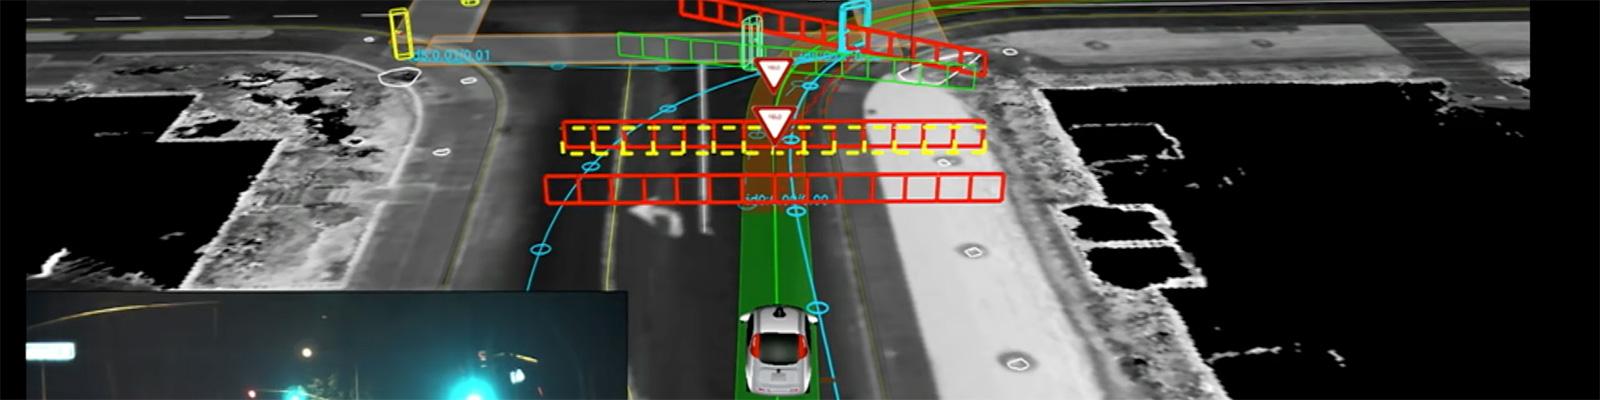 Google Self-Driving Car Project | SXSW Interactive 2016(SXSW)